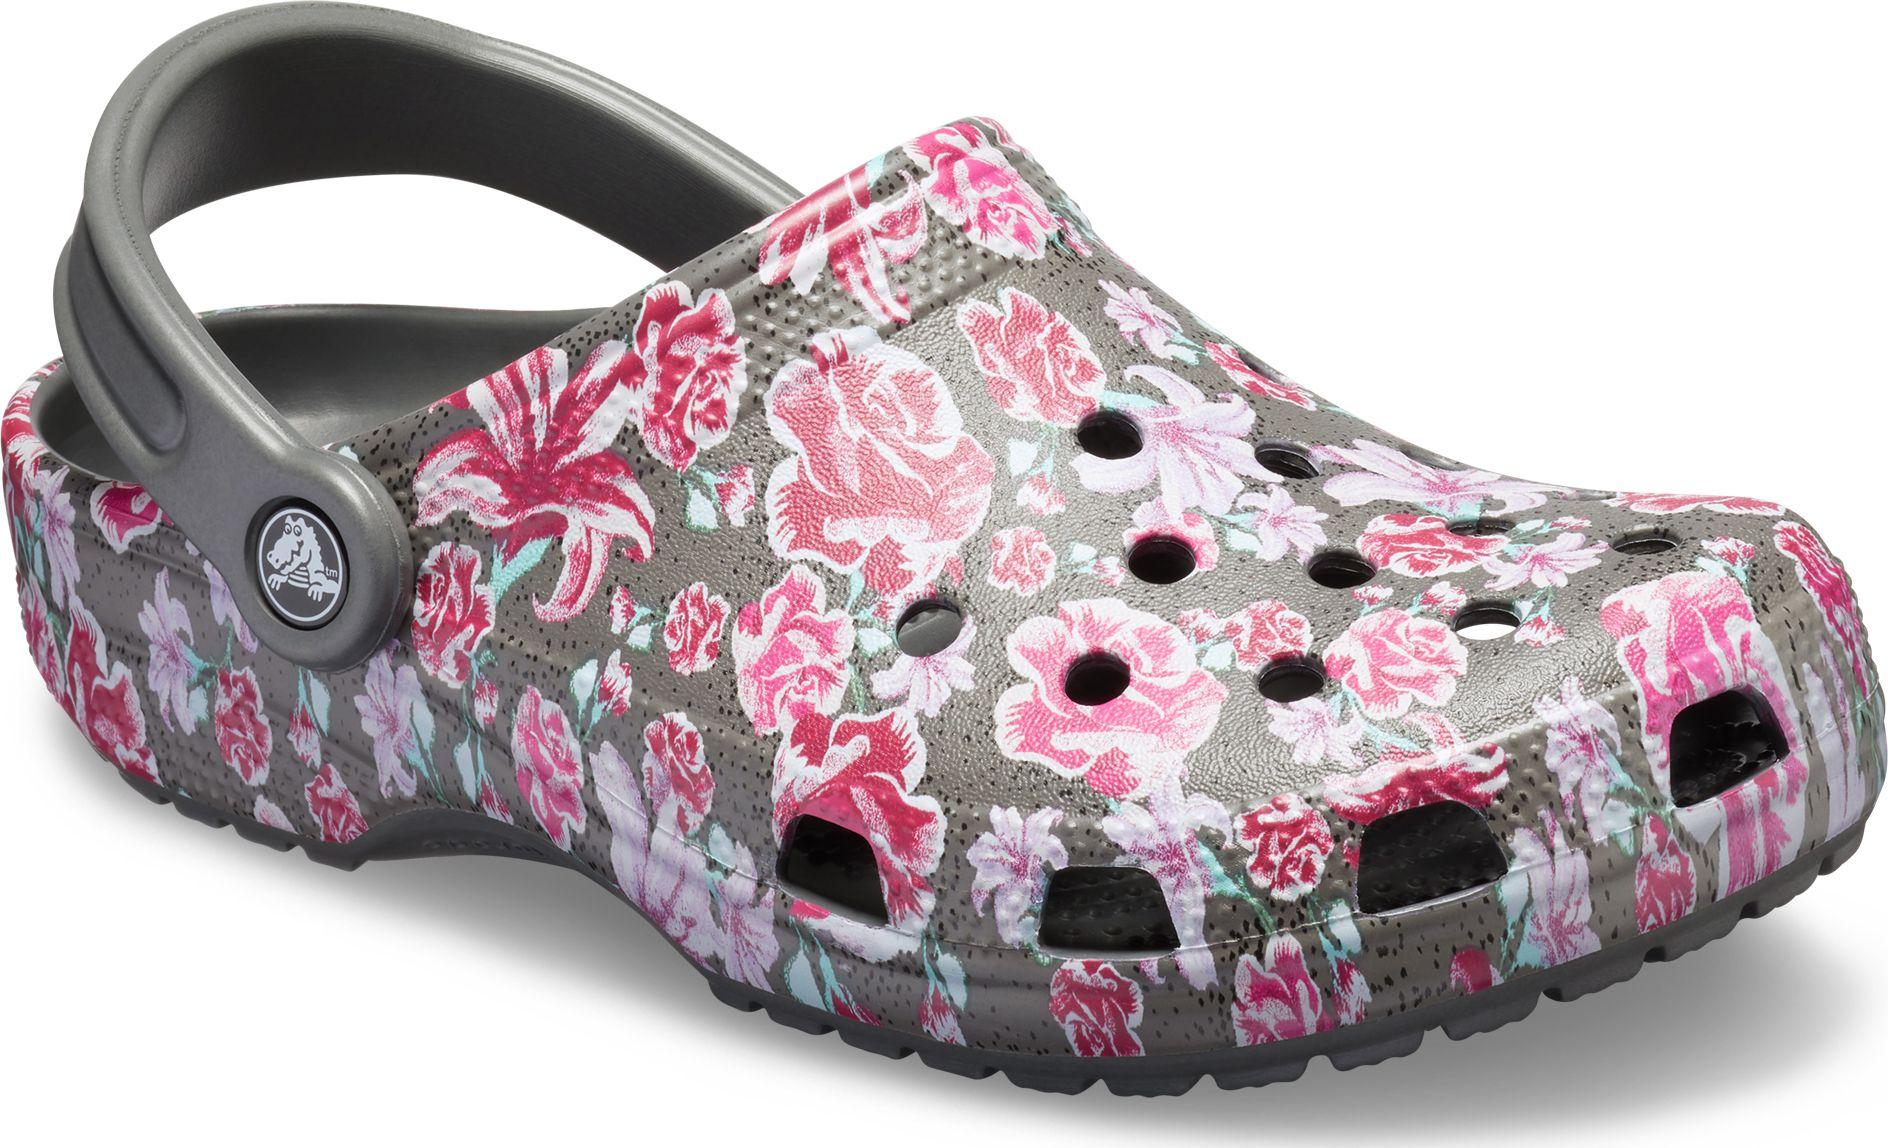 ecc27a6fb7b0a ... Crocs™ Classic Graphic II Clog Multi Floral Slate Grey ...